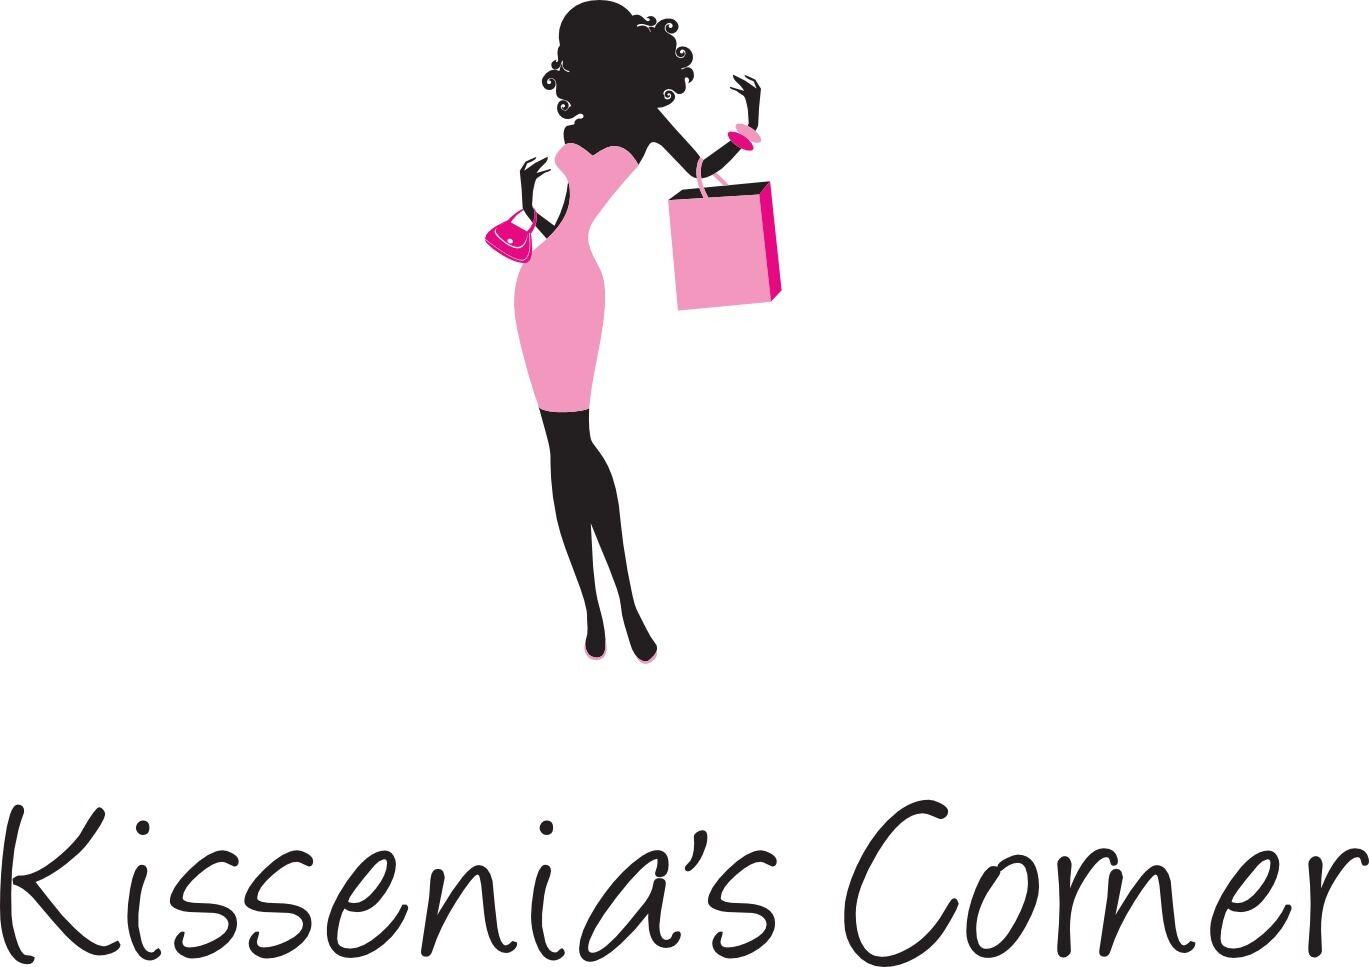 Kissenia's Corner